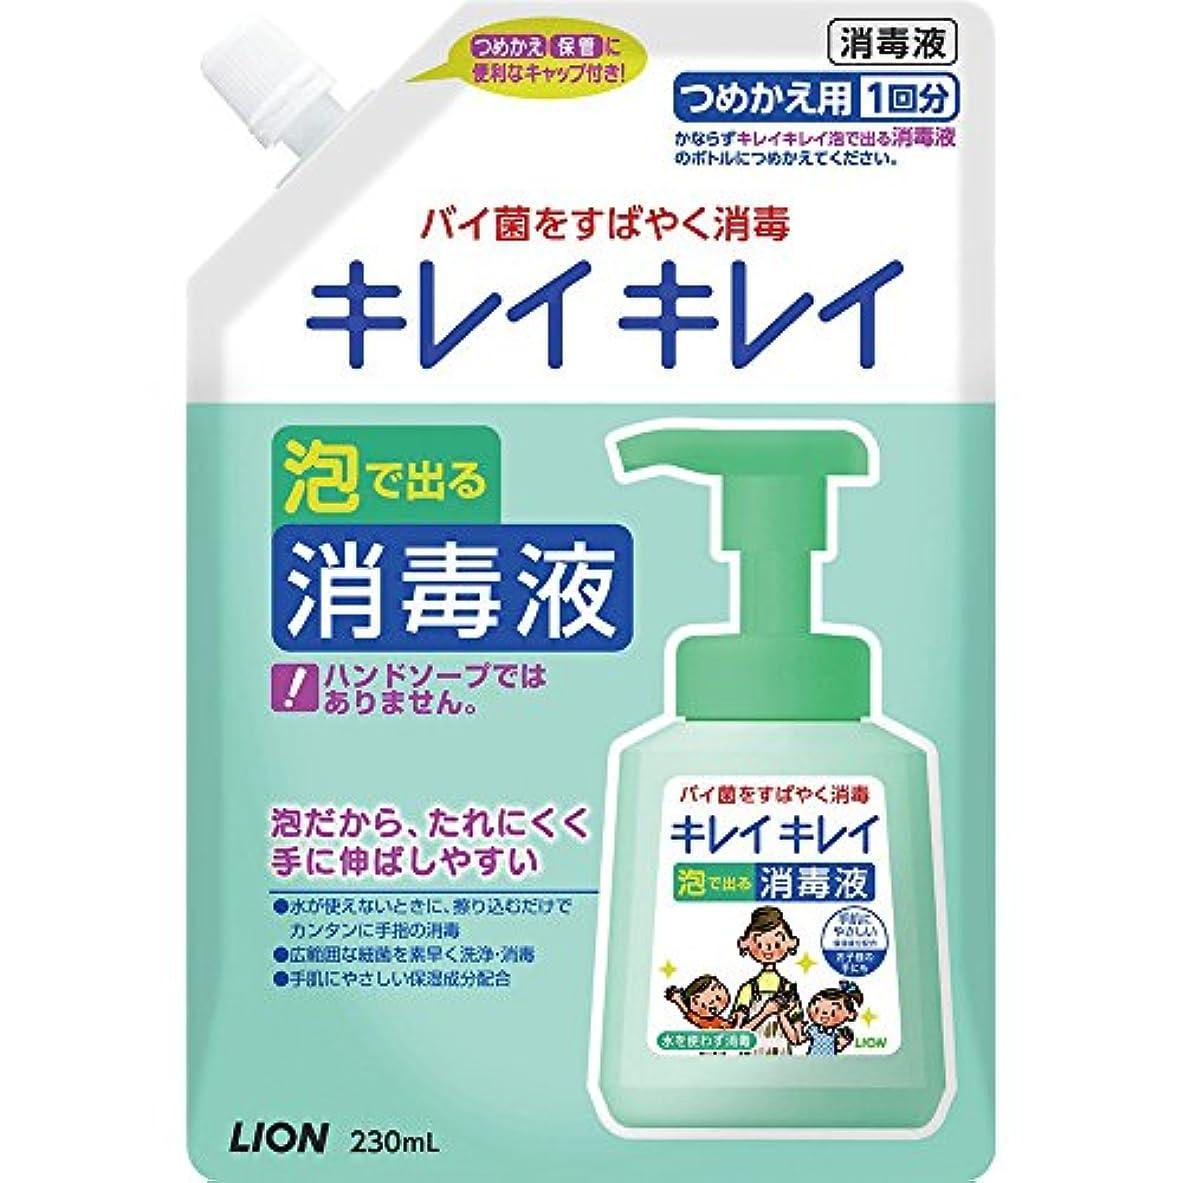 良心的好意クラックキレイキレイ 薬 泡ででる消毒液 詰替 230ml (指定医薬部外品)